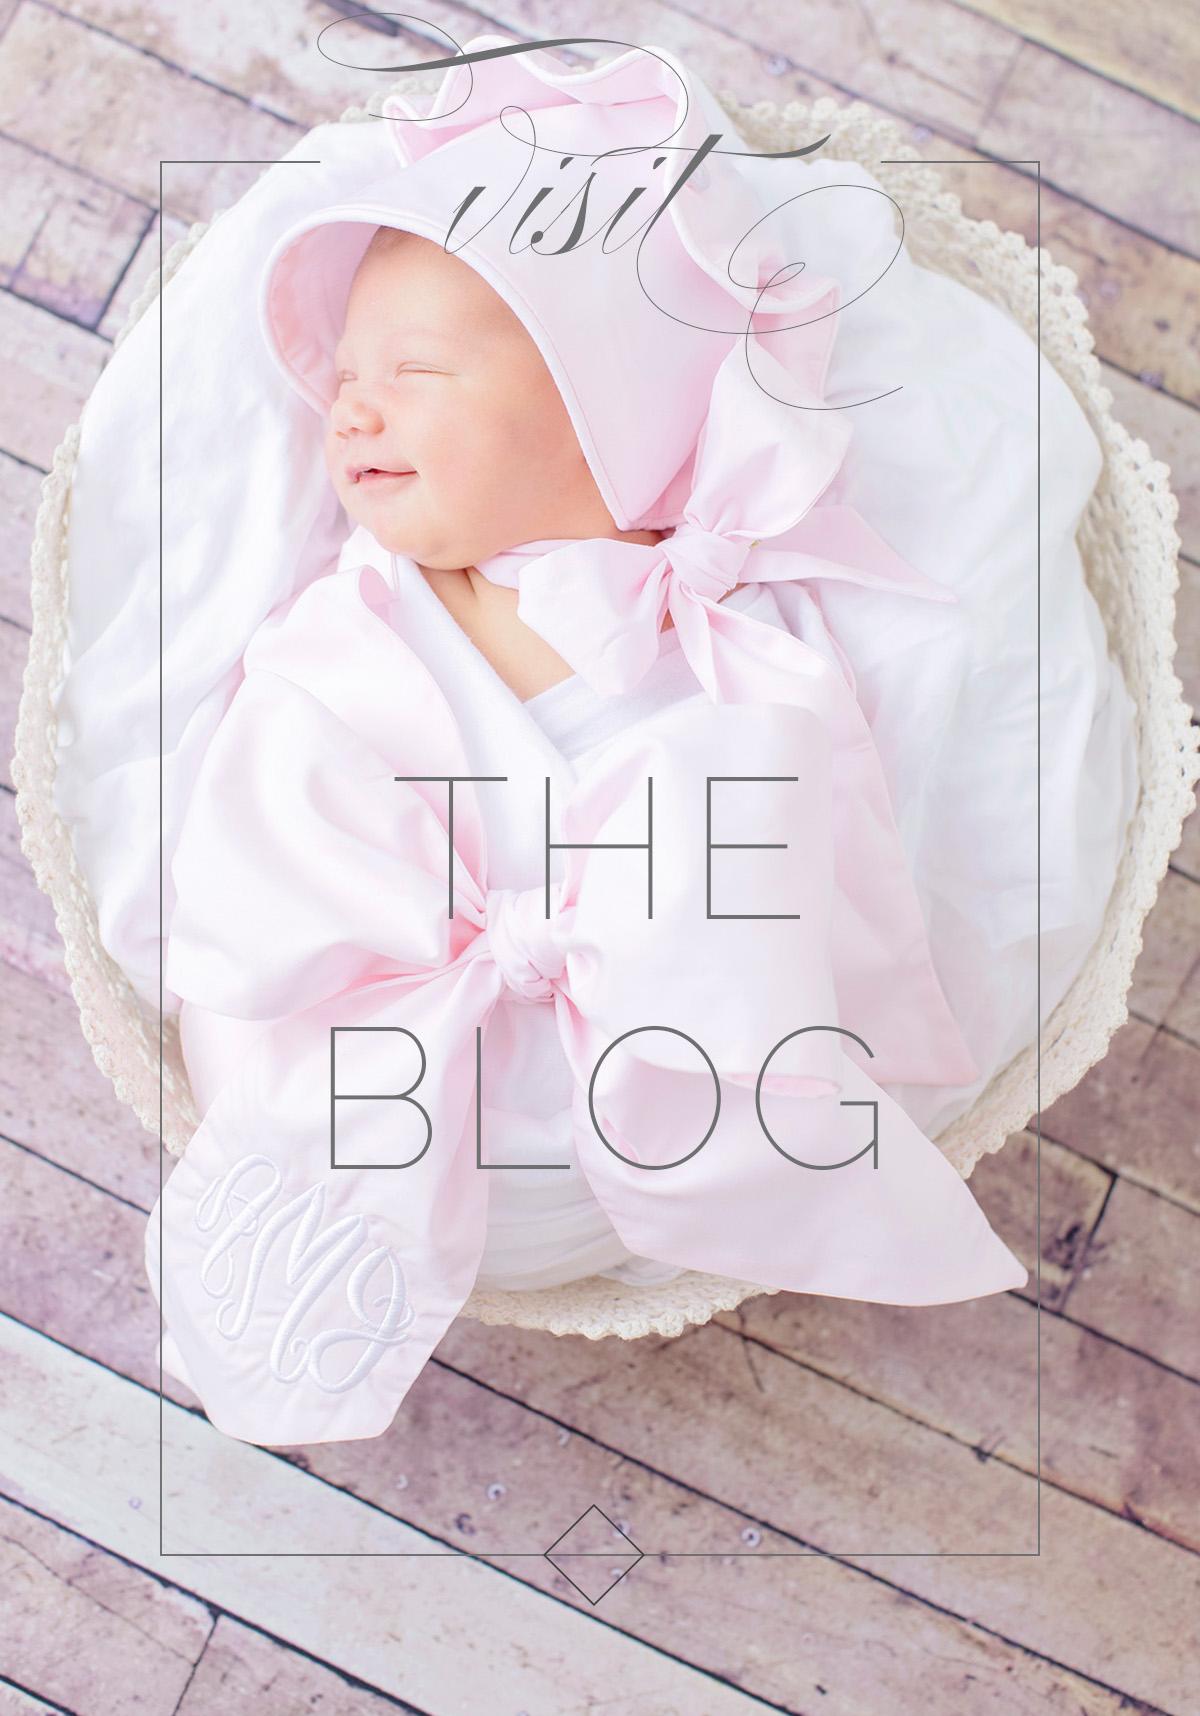 newborn-photographer-ocean-springs-mississippi-swetman-beaufort-bonnet-girl.jpg